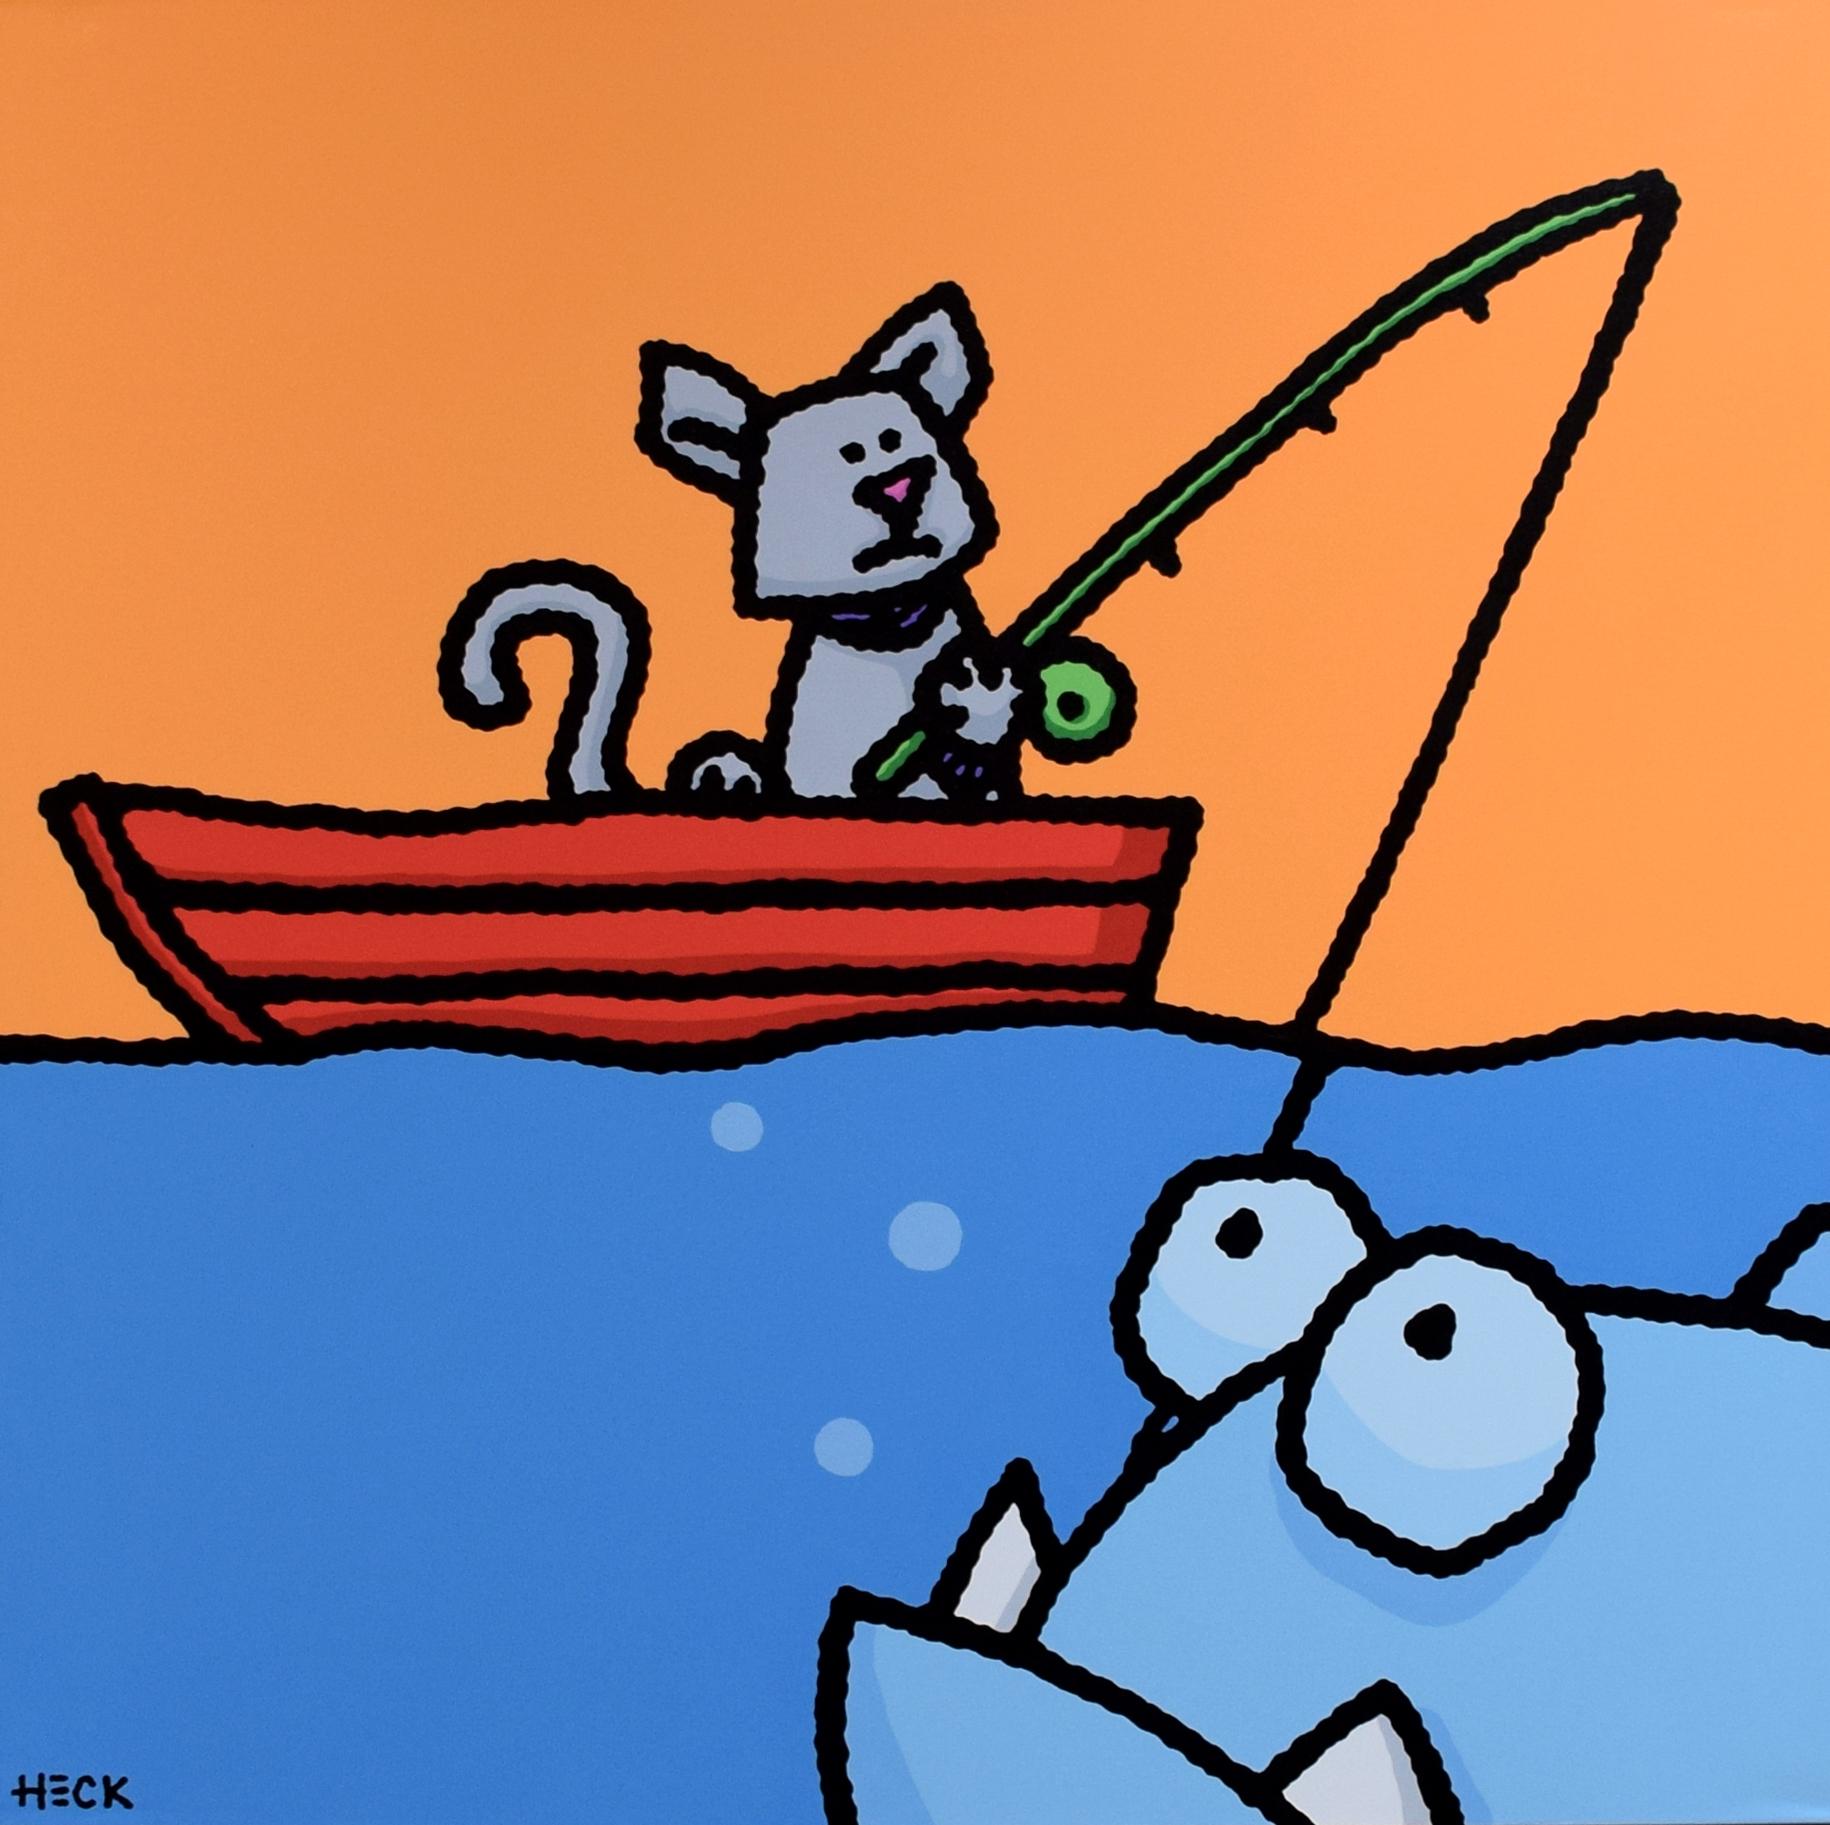 Ed Heck - Cat Fish , 6575-012-008